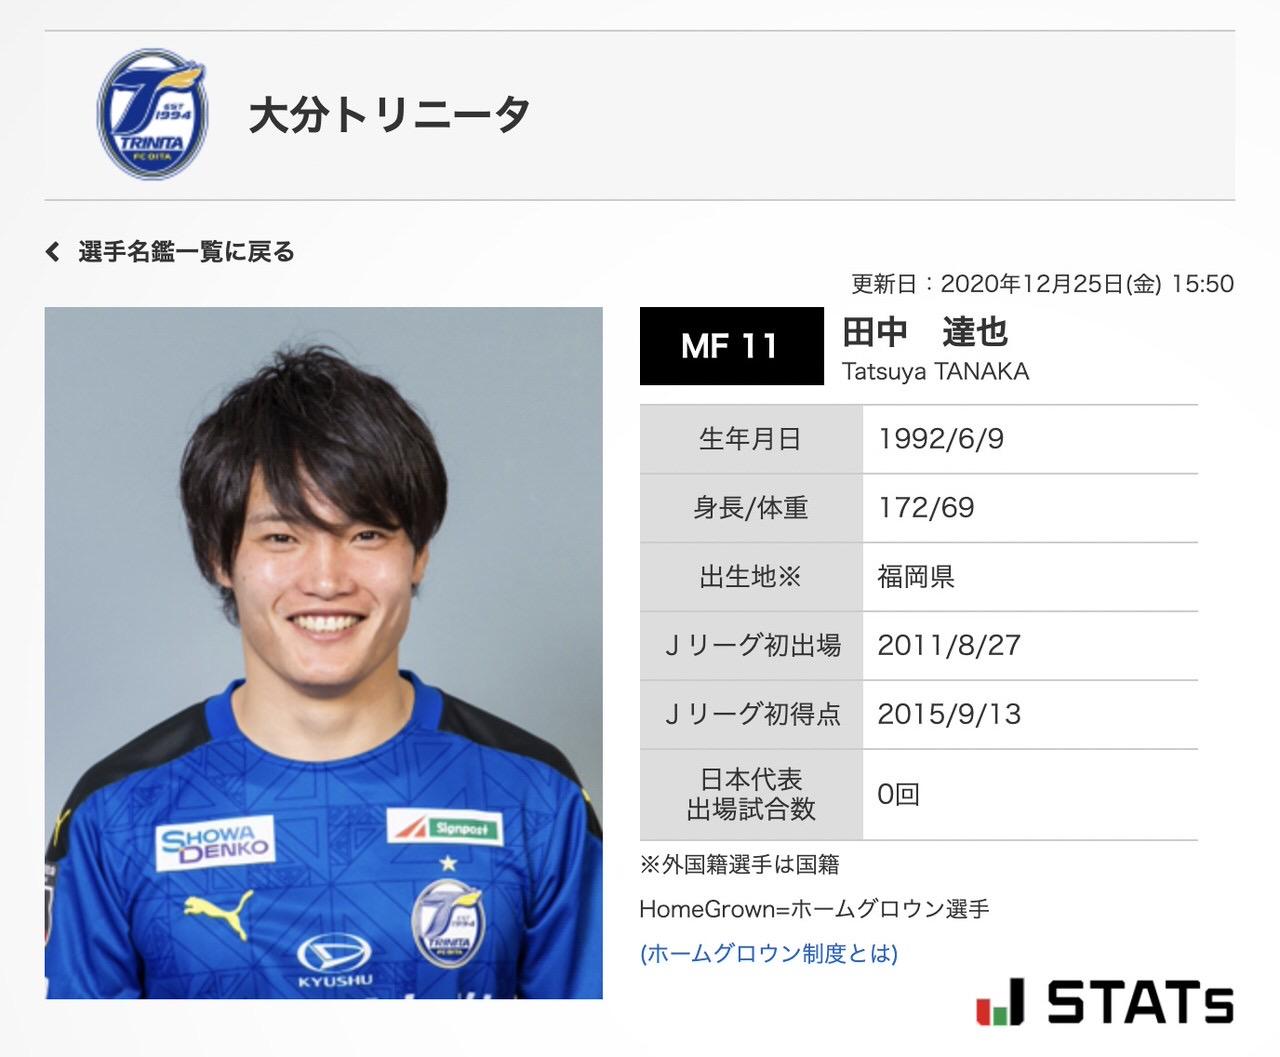 大分トリニータから浦和レッズに移籍した田中達也の背番号は「11」田中達也・11が復活!